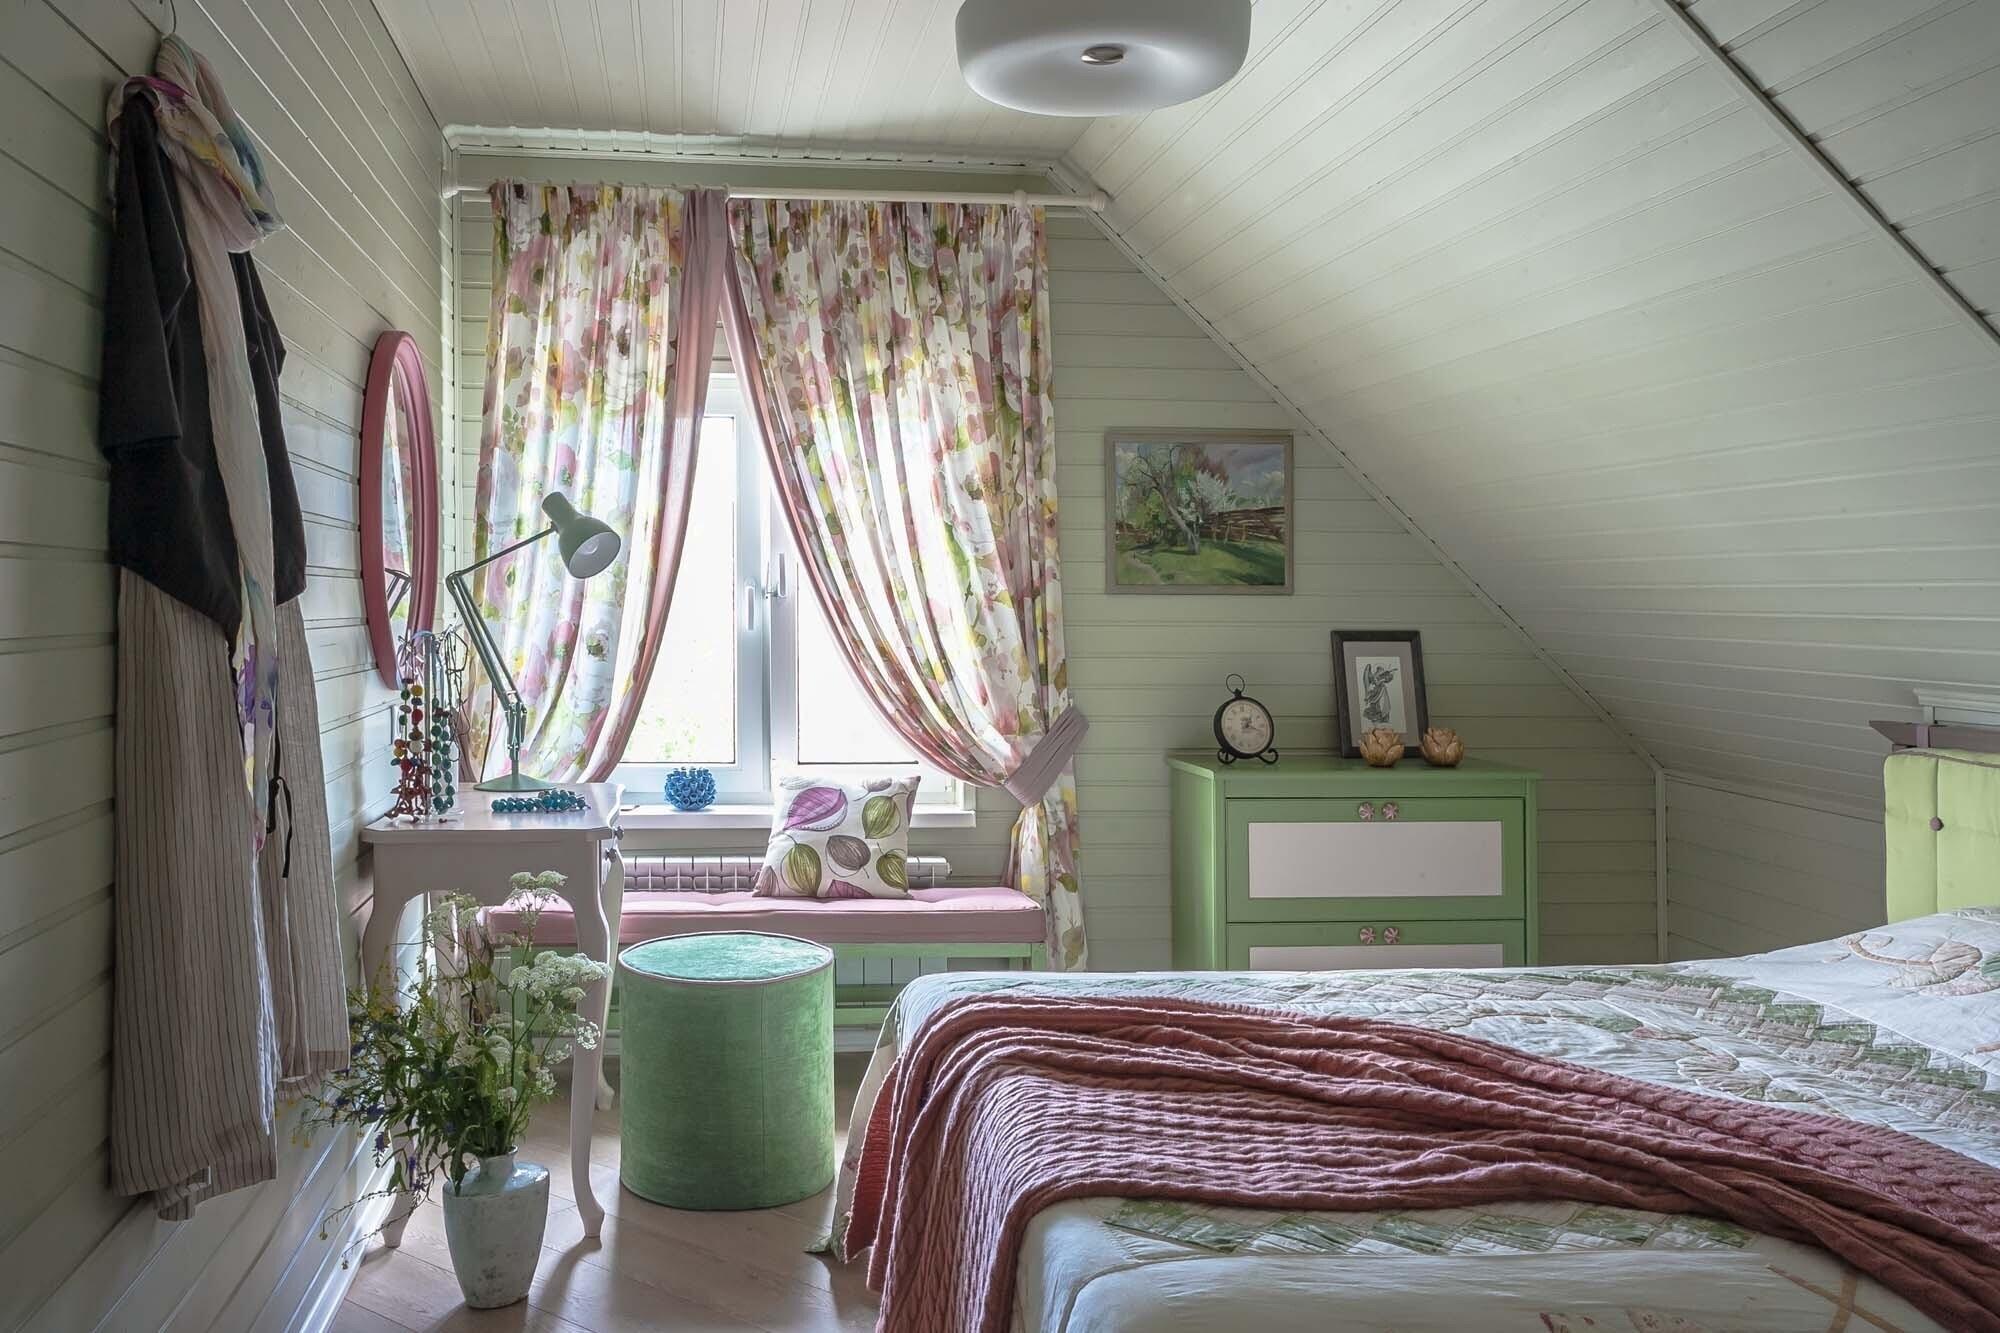 Как обновить старый дачный дом: 11 идей от дизайнера